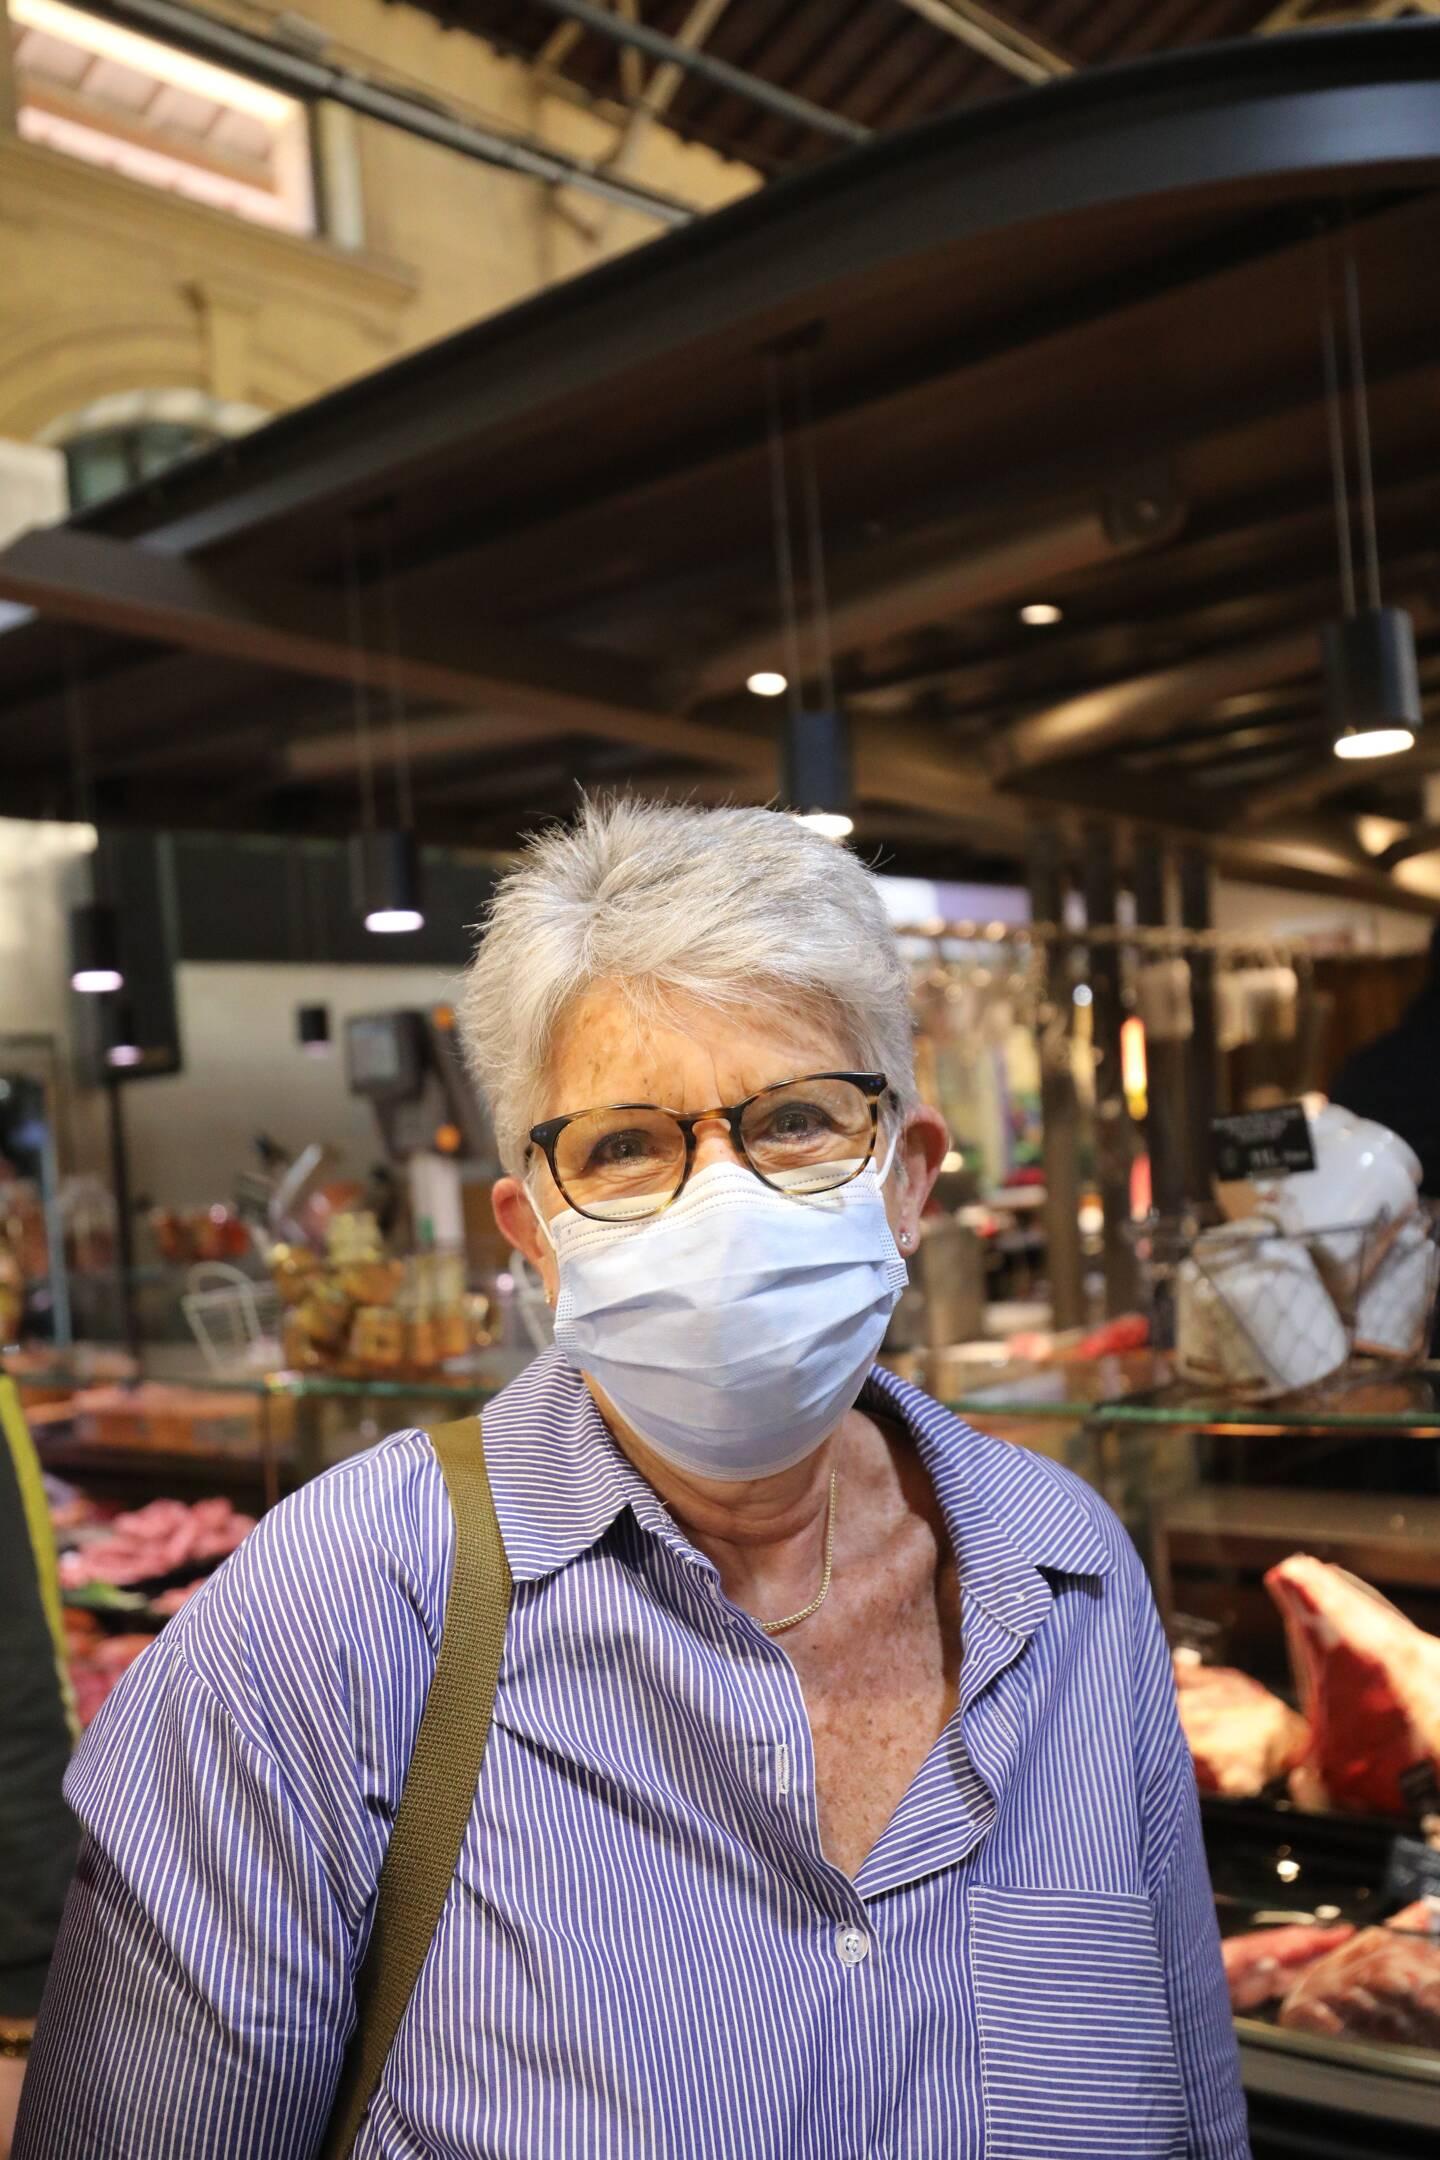 Cliente régulière, Monique Gauthier se rend au marché pour les légumes, les fruits et la viande.